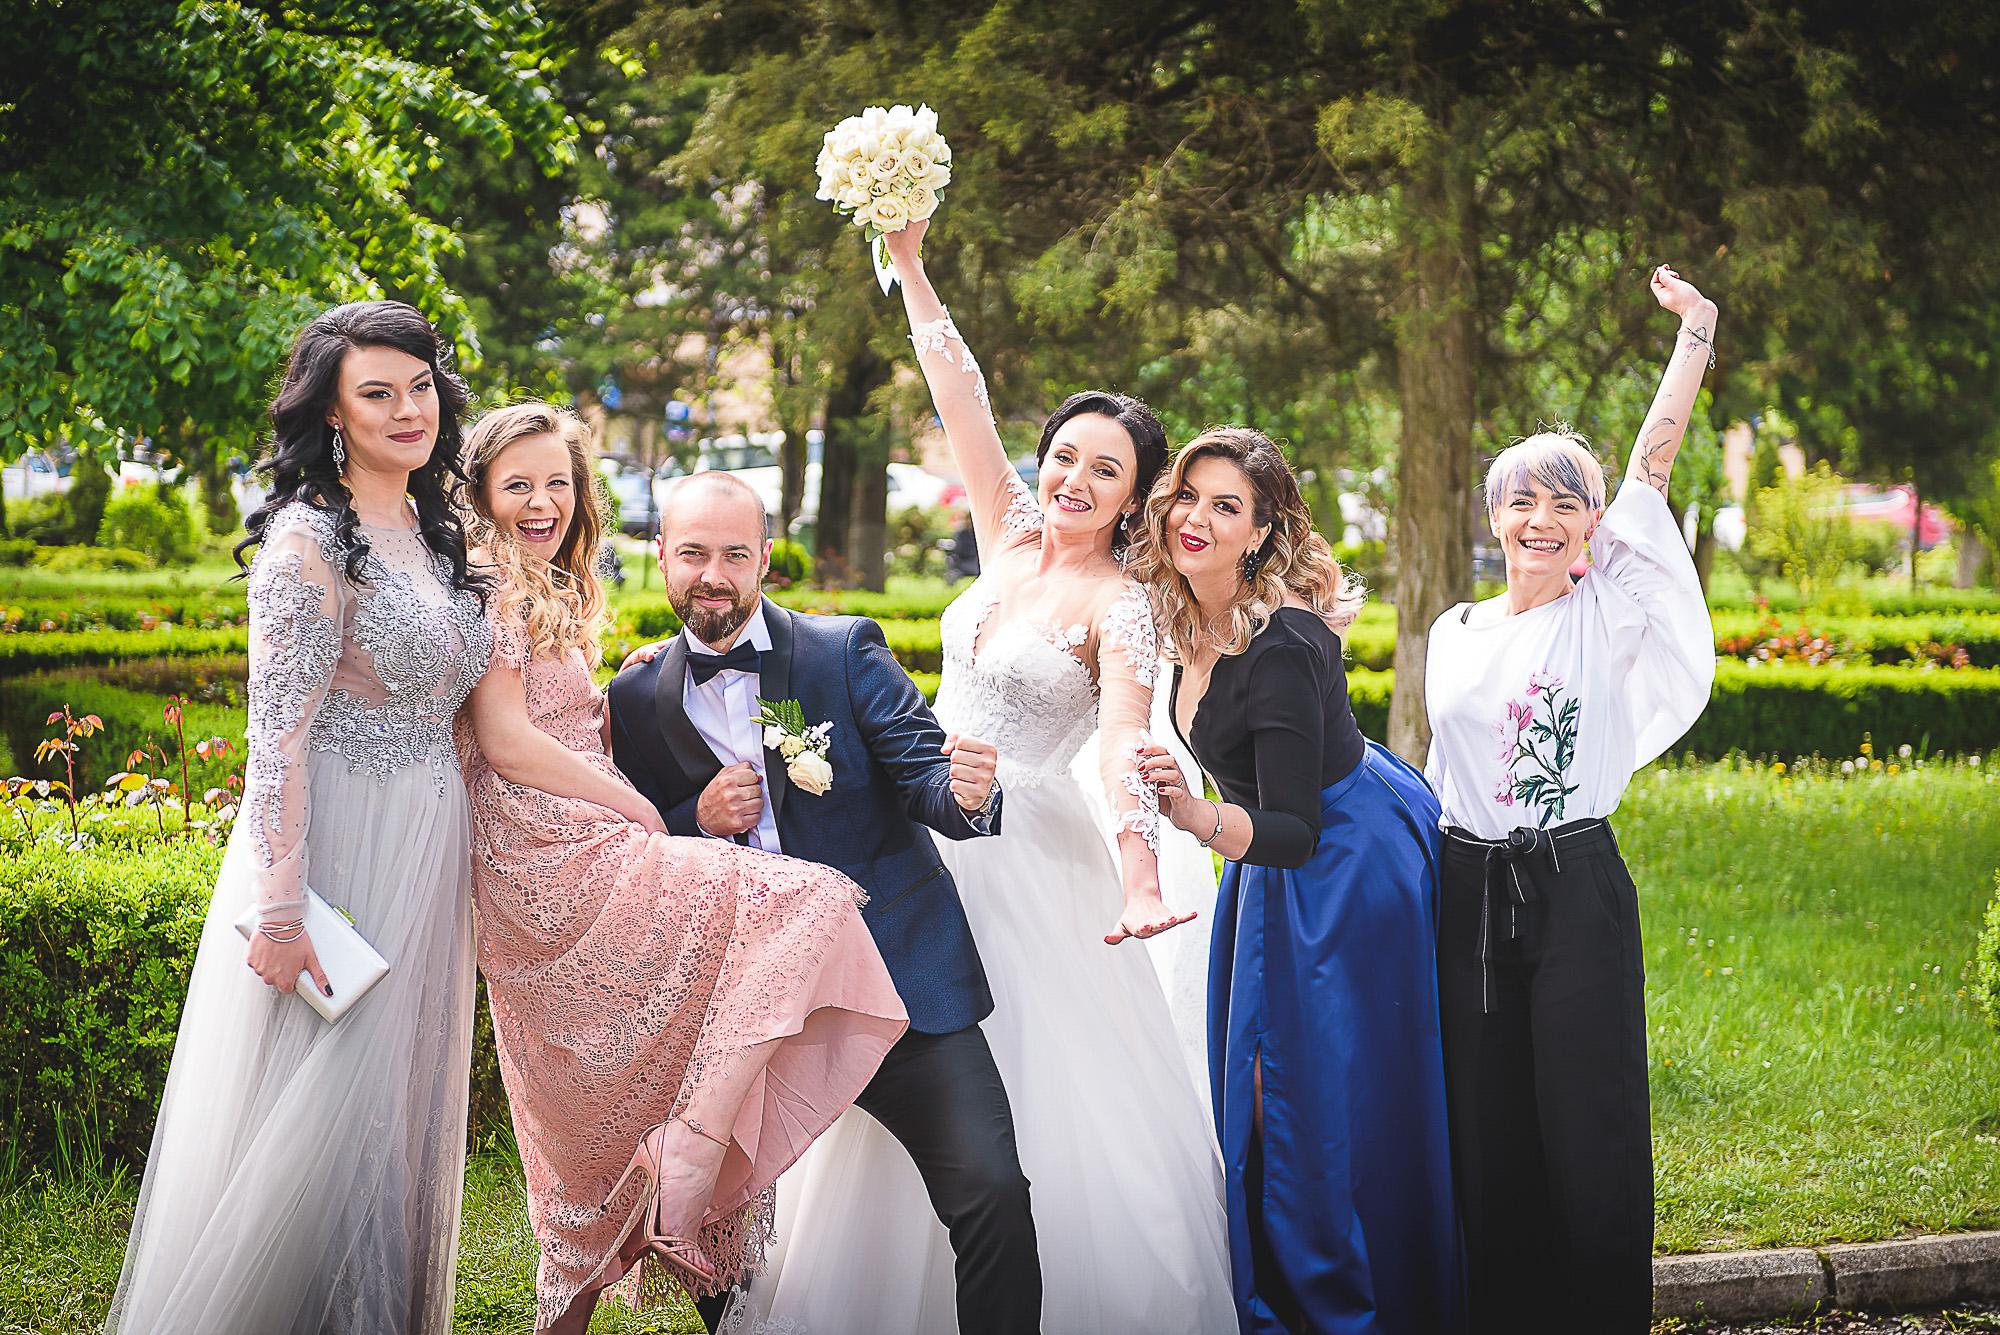 distractie in parc, fotosedinta distractiva, fotografie creativa de nunta, fotograf nunta mures, foto nunta reghin, foto video reghin, foto video nunta mures